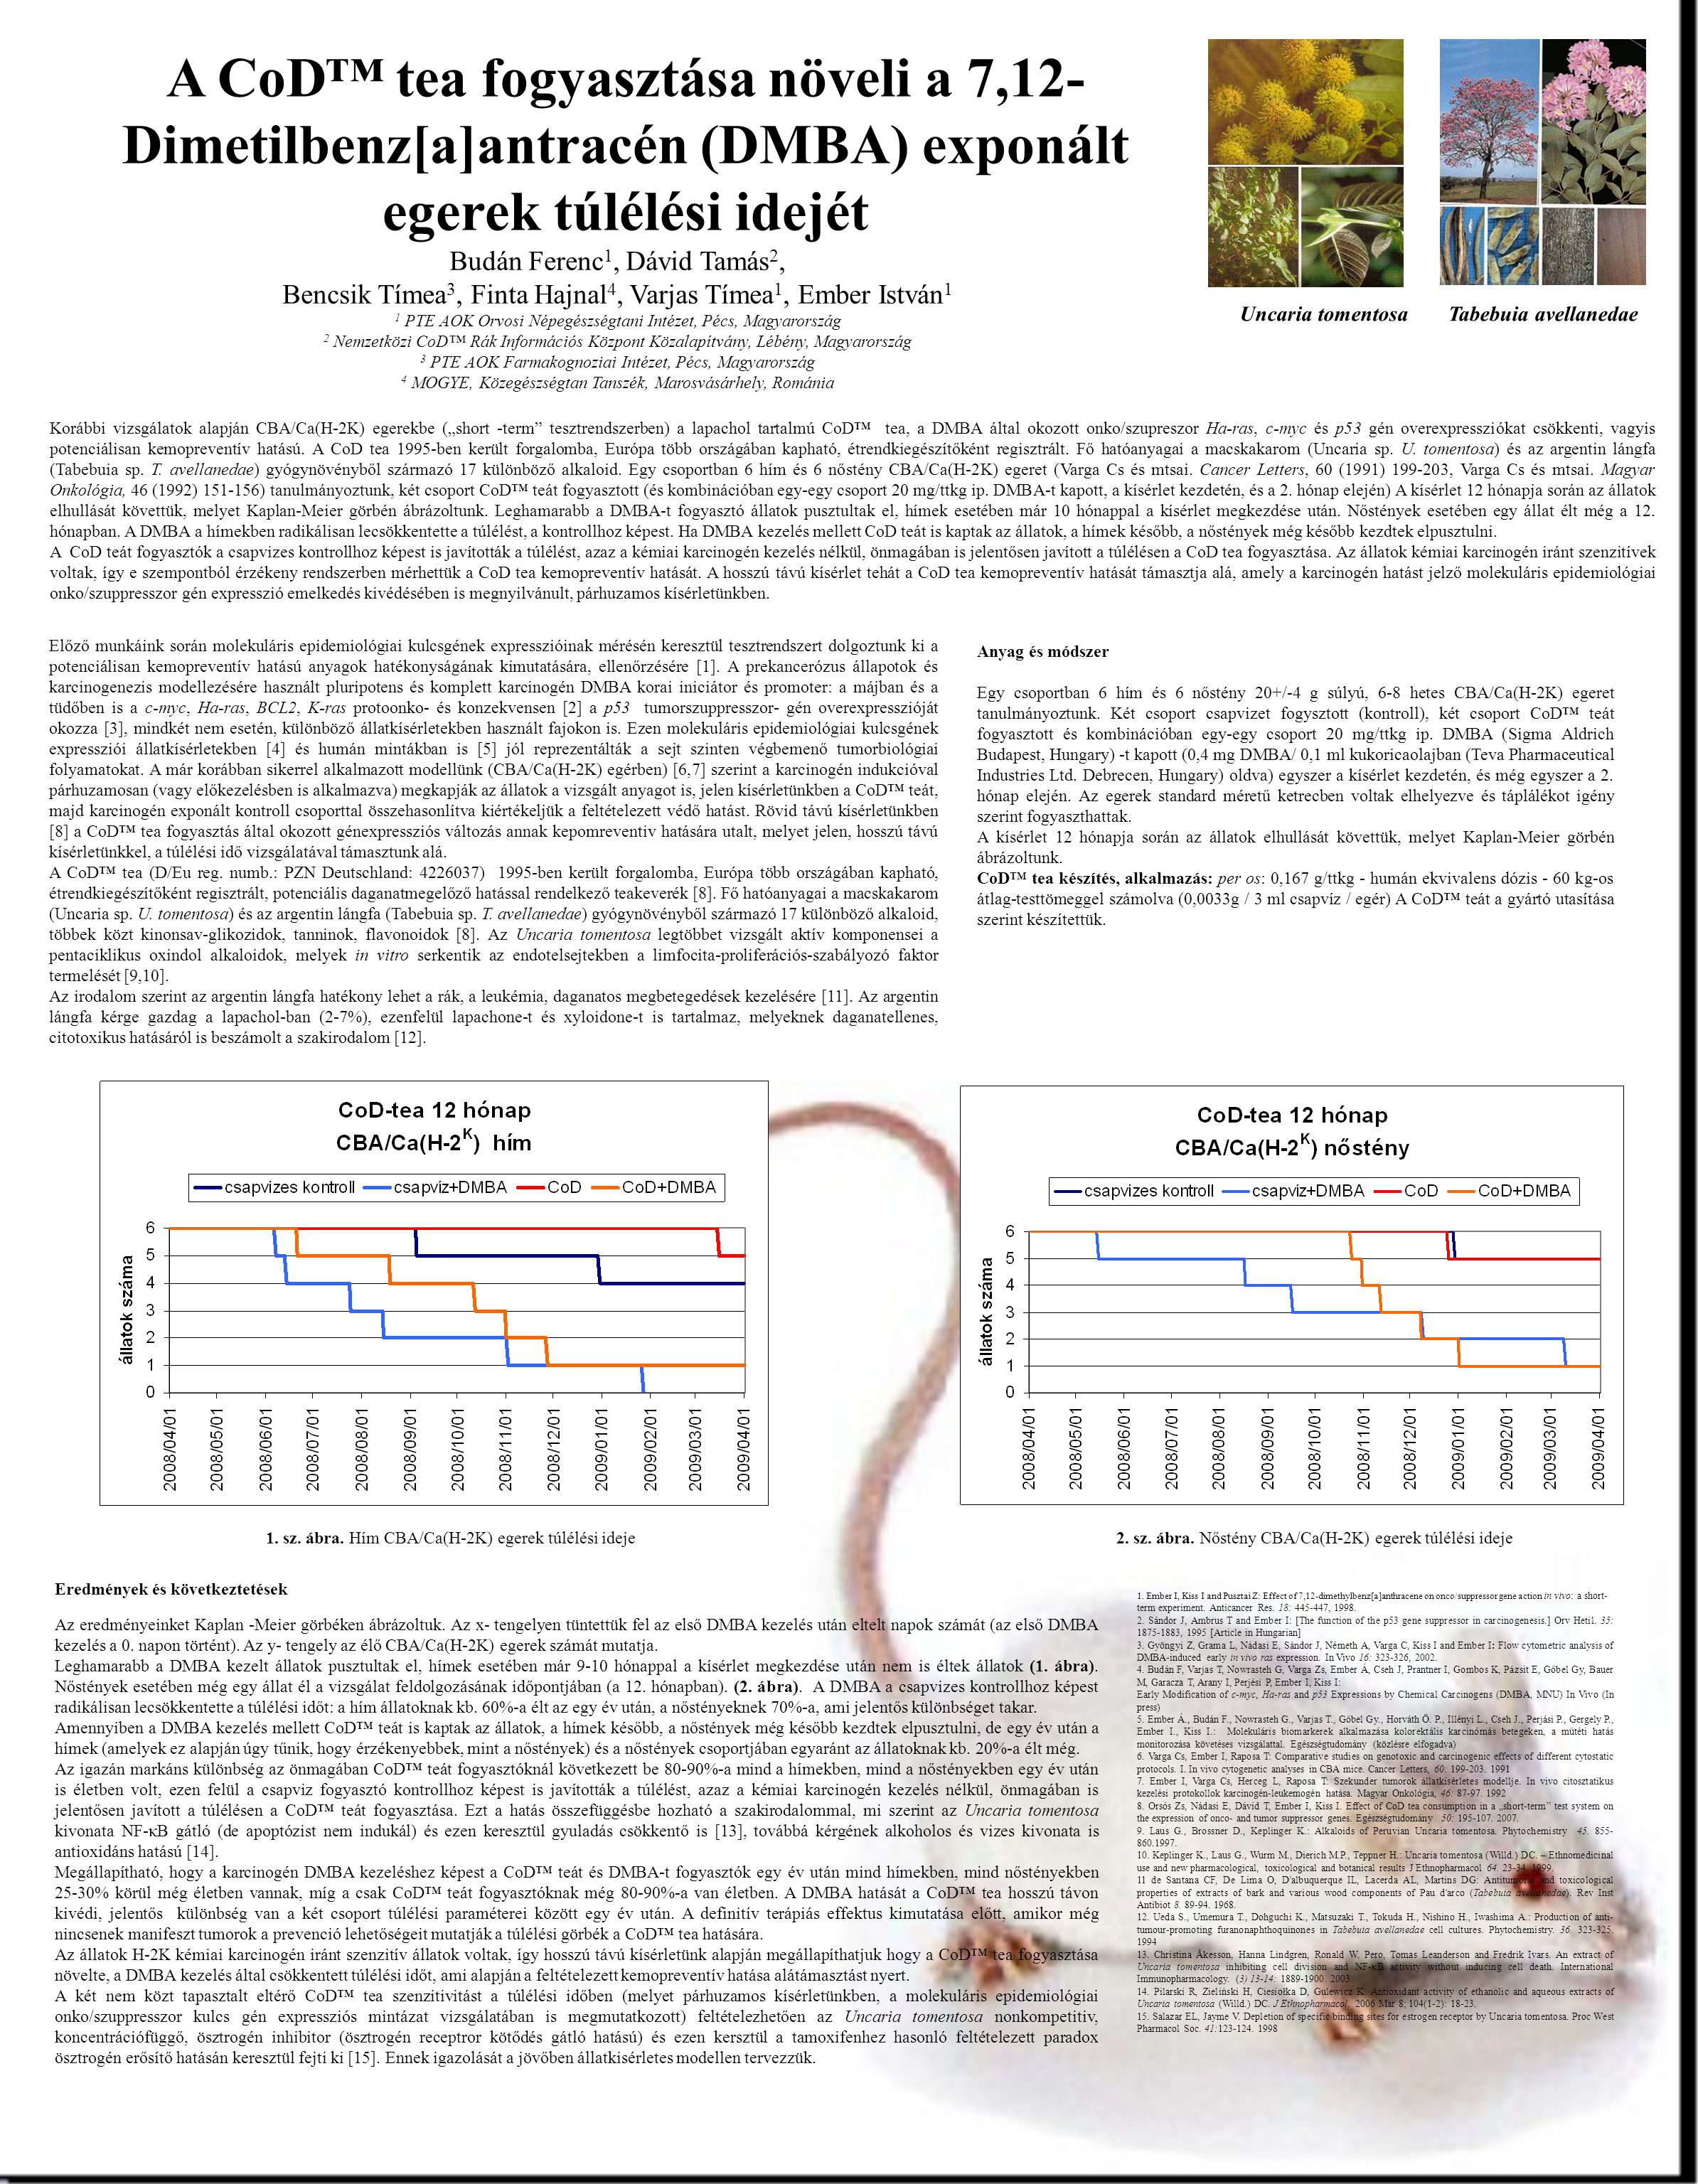 A CoD™ tea fogyasztása növeli a 7,12- Dimetilbenz[a]antracén (DMBA) exponált egerek túlélési idejét Budán Ferenc 1, Dávid Tamás 2, Bencsik Tímea 3, Fi